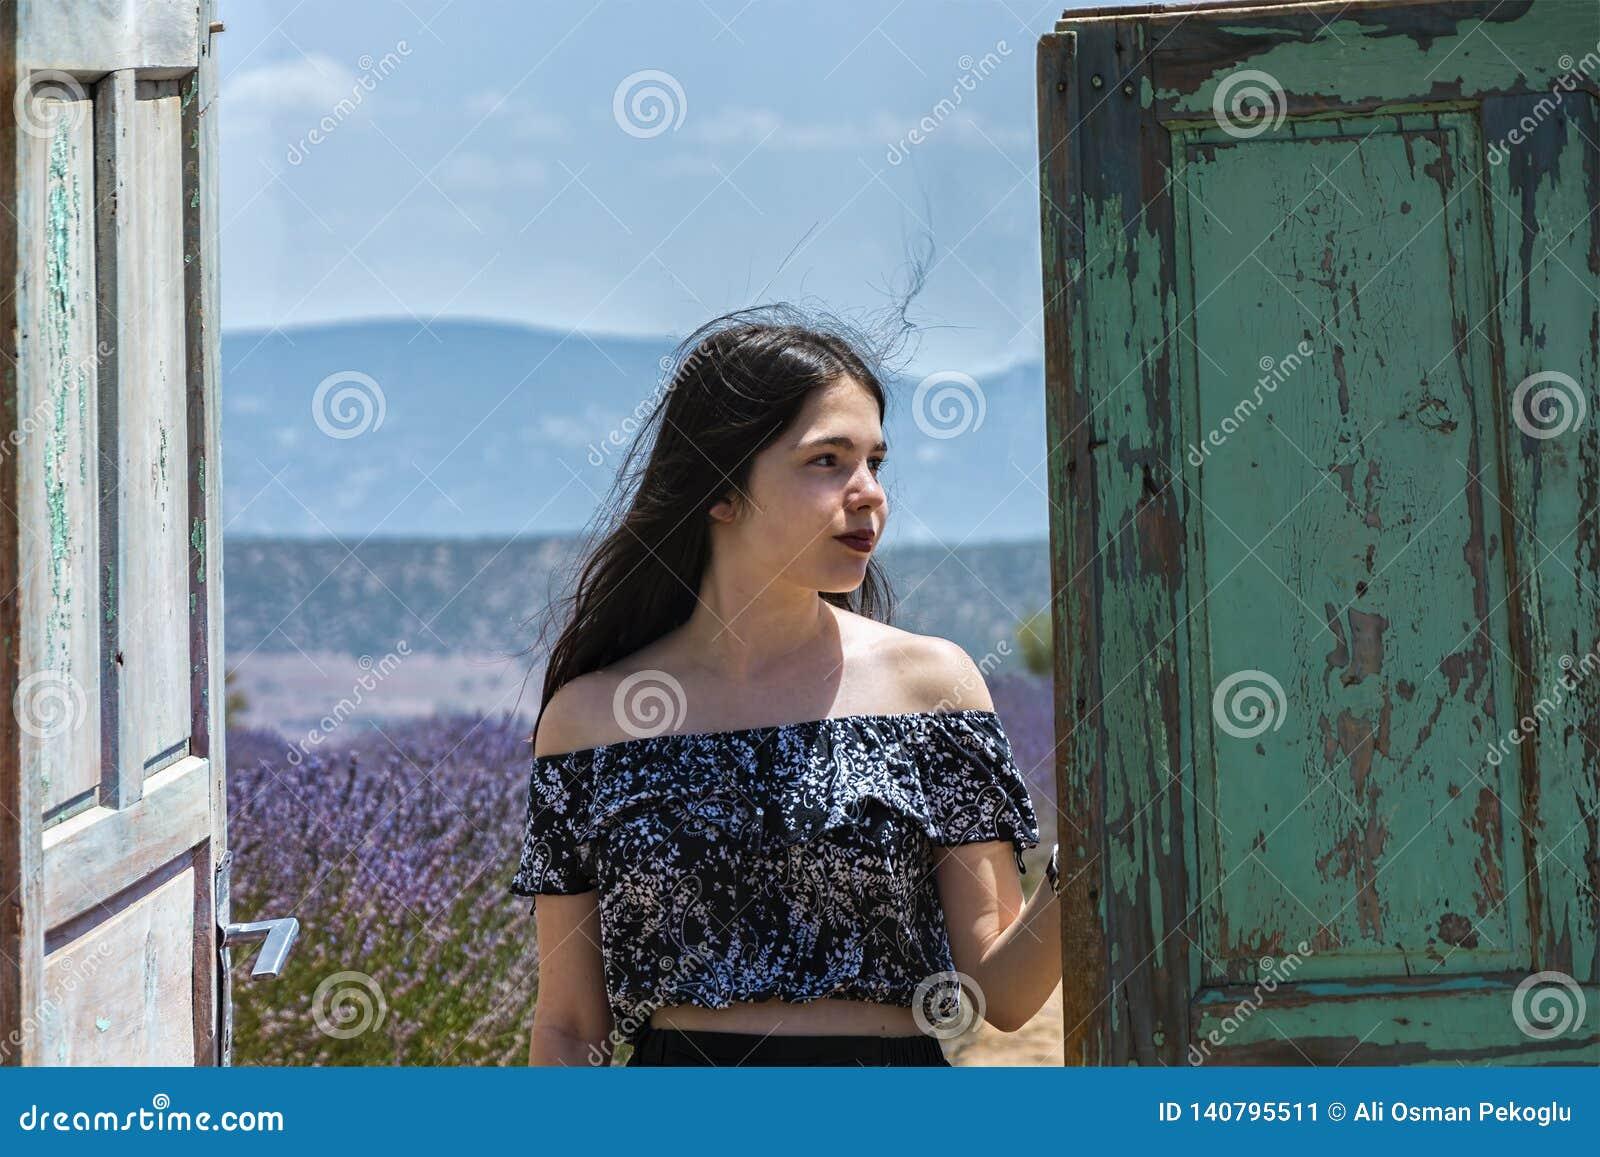 Derrière la vieille porte en bois, la jeune fille